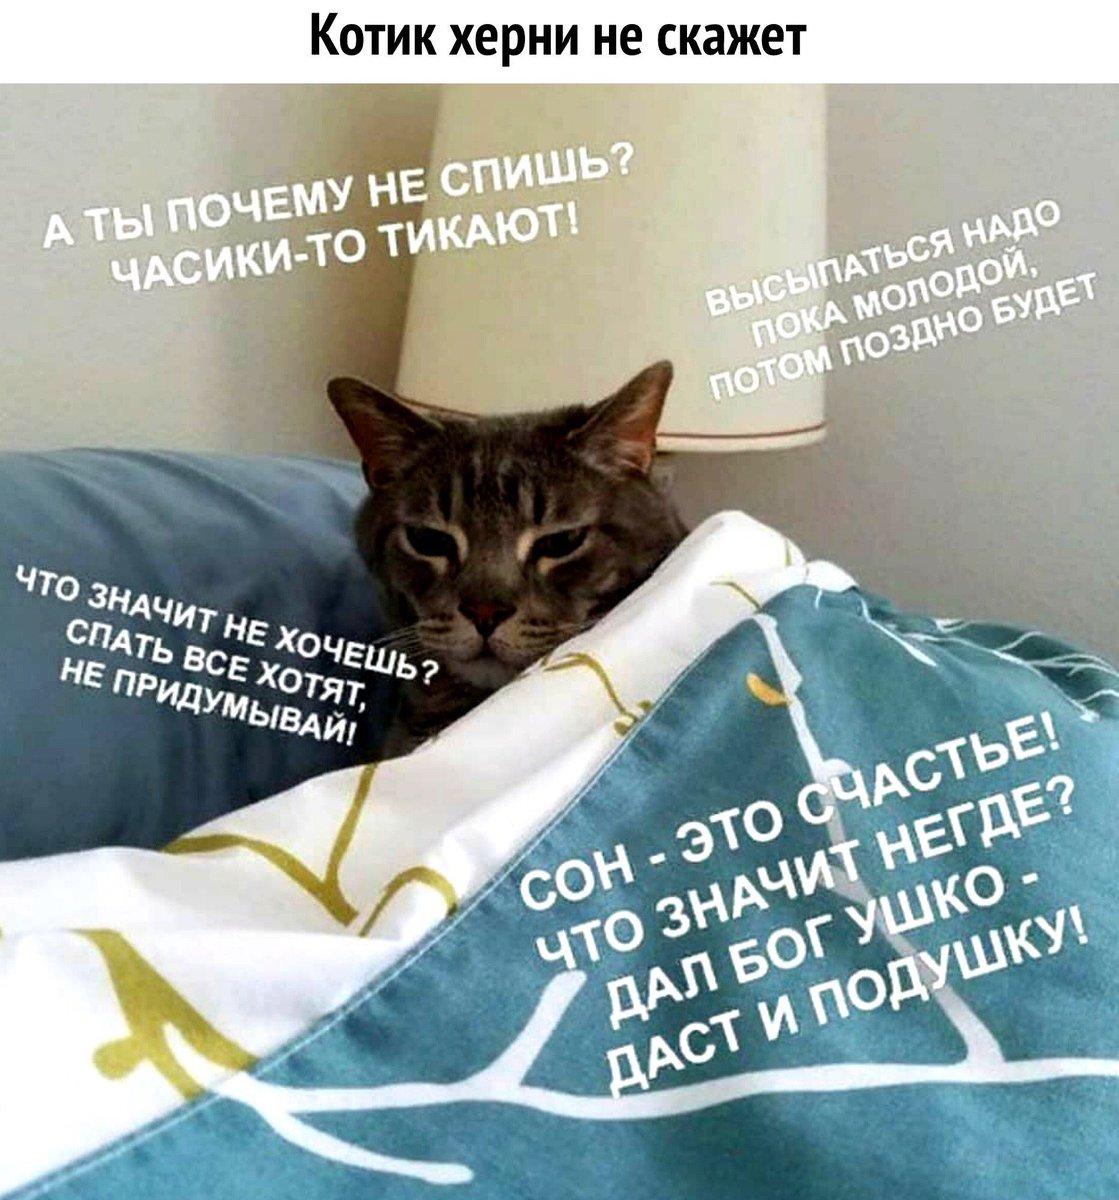 Спать зачем спать картинка